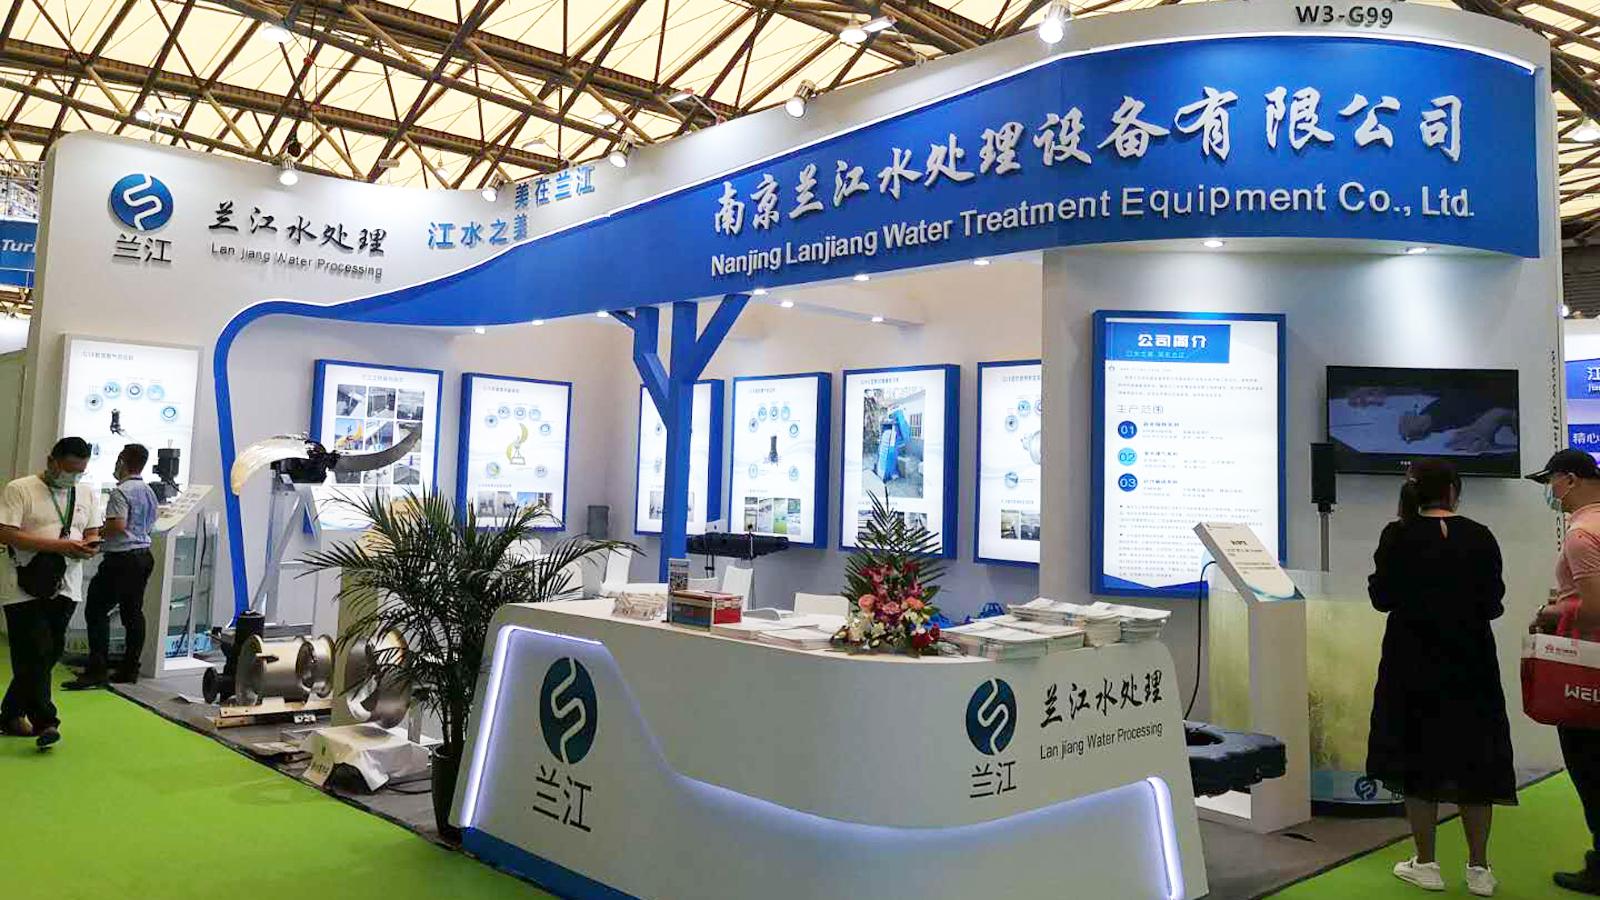 """兰江水处理——中国环博会展示水处理装备""""智造"""""""